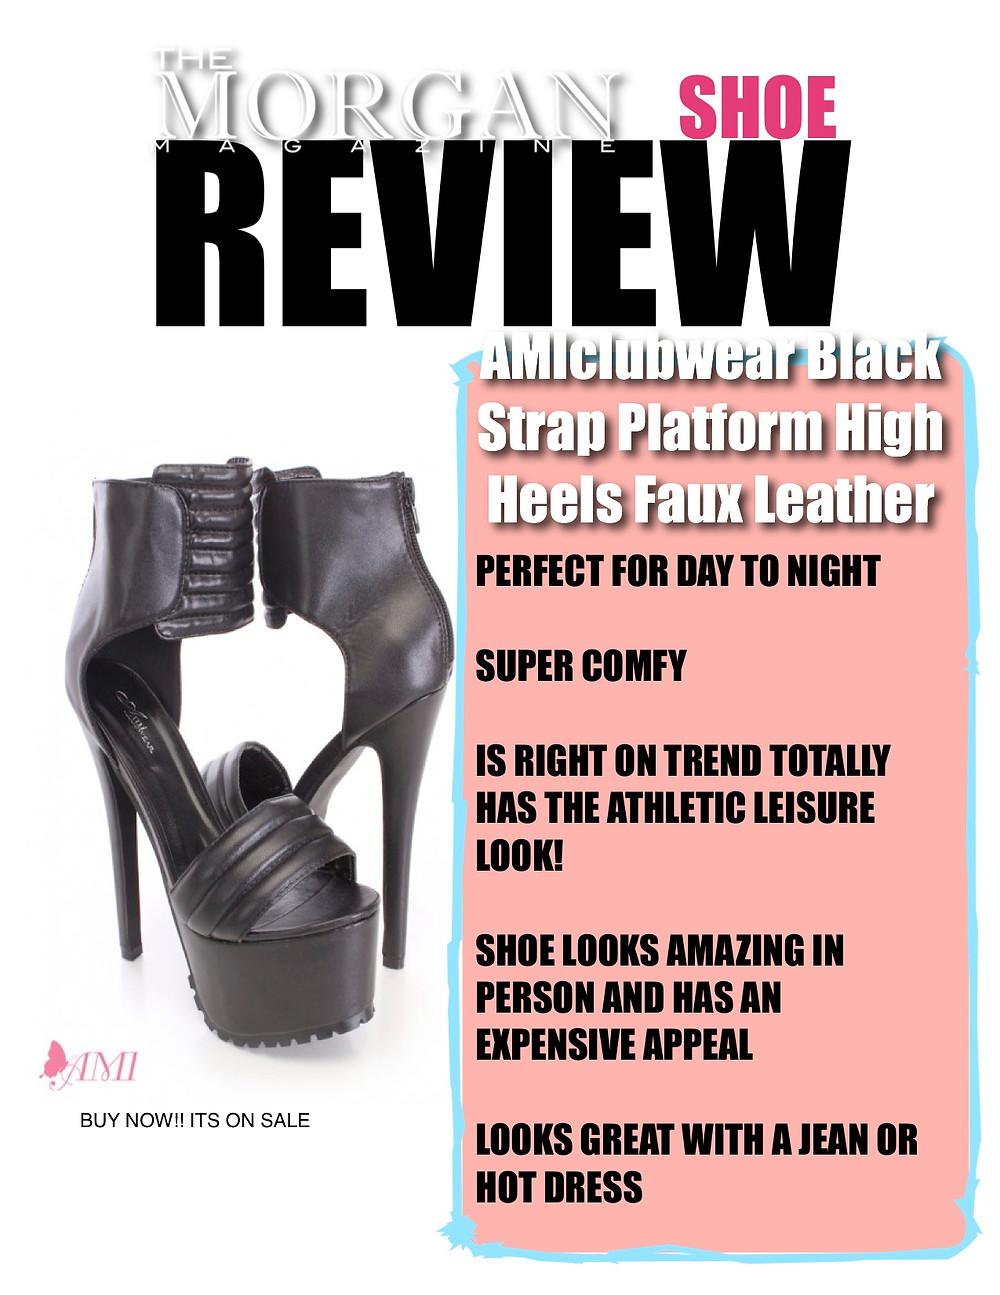 Black Strap Platform High Heels Faux Leather.jpg